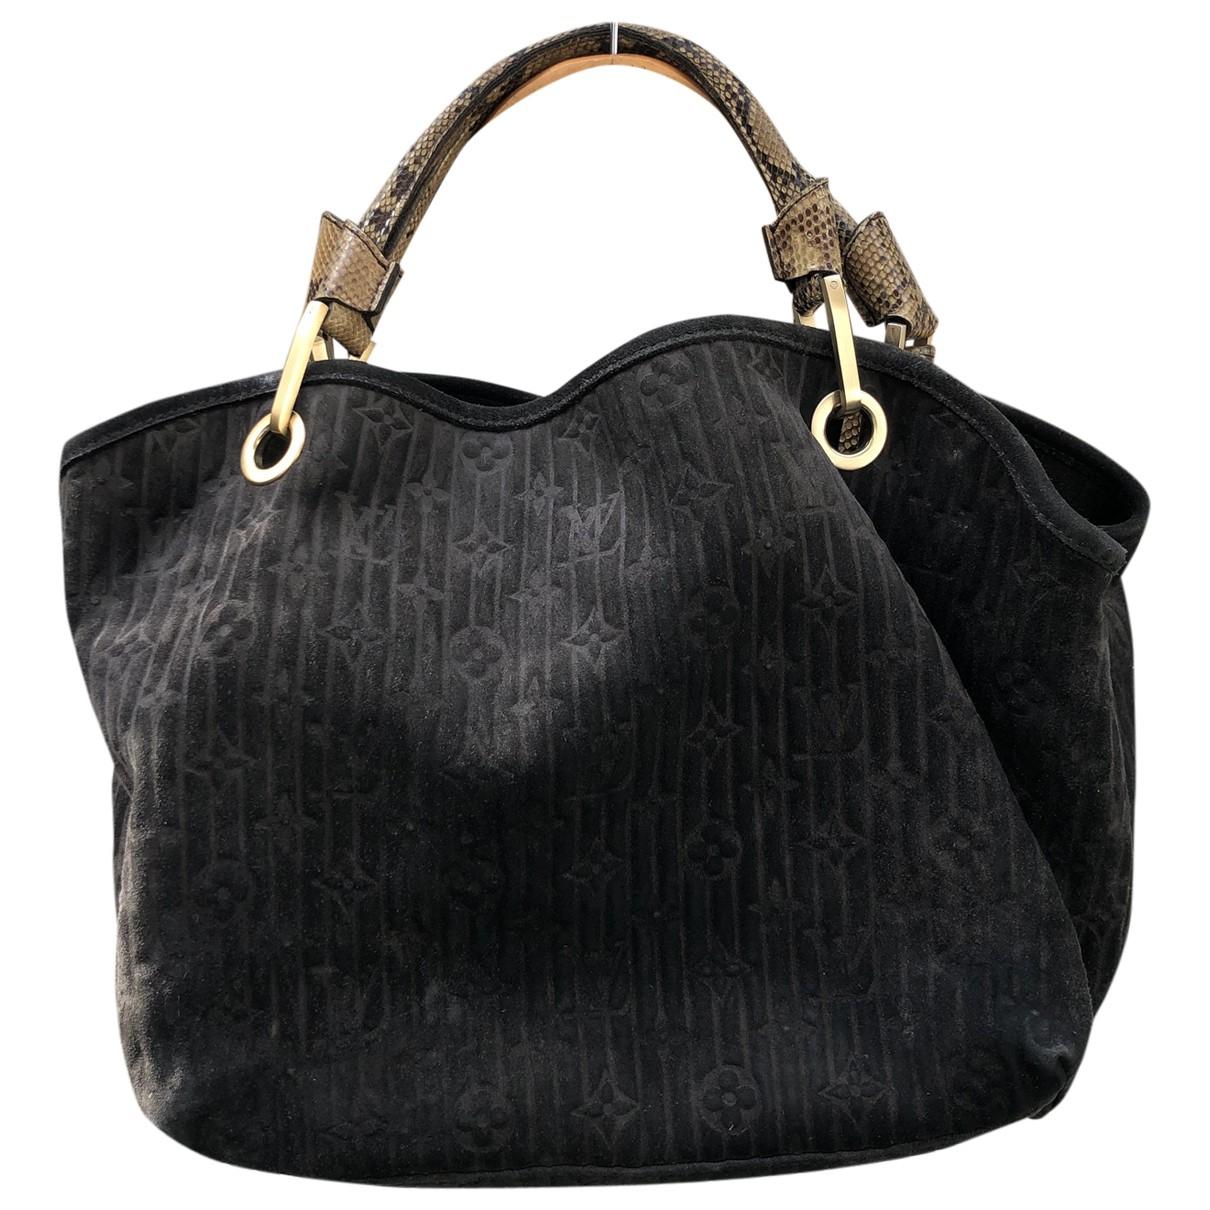 Louis Vuitton \N Handtasche in  Anthrazit Veloursleder